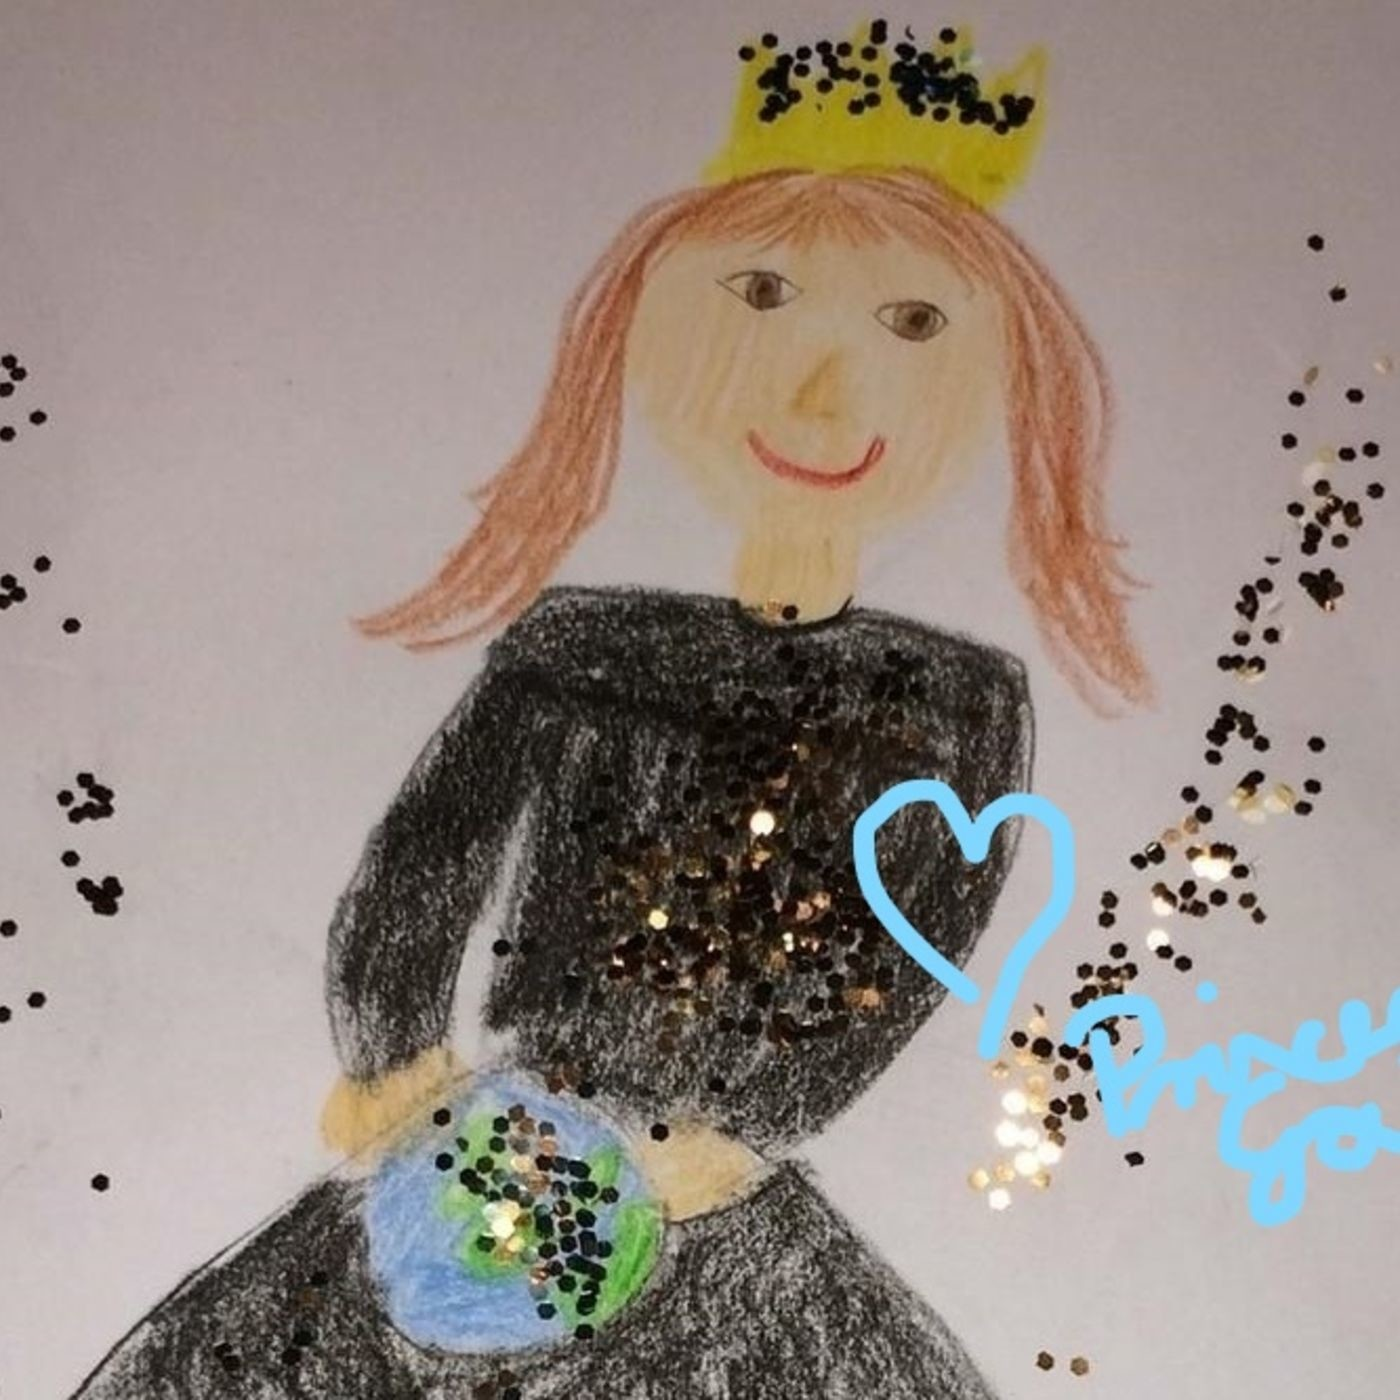 Princess Gaia